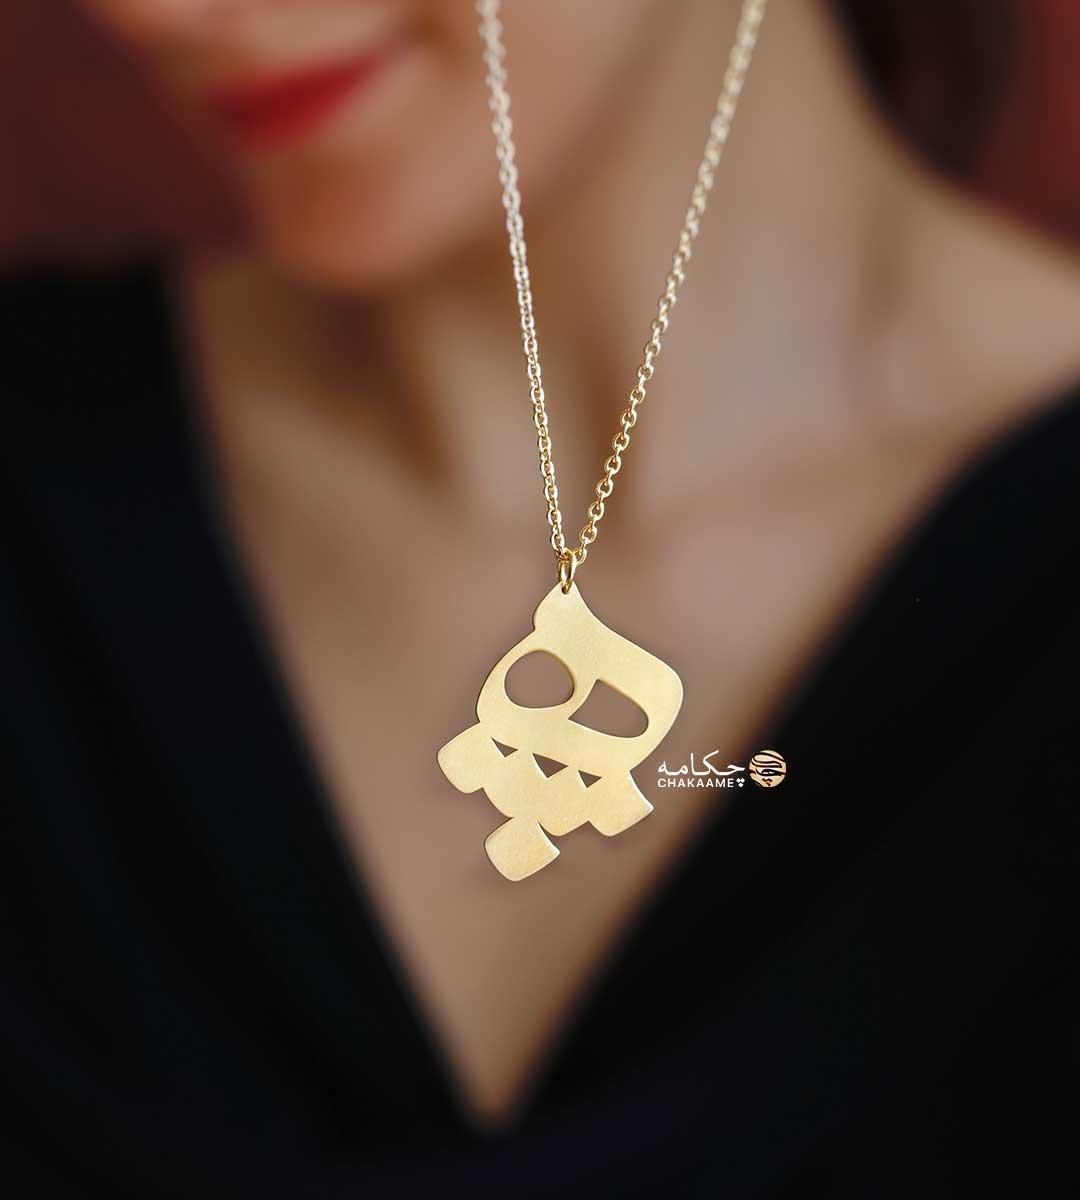 گردنبند طلا - چکامه